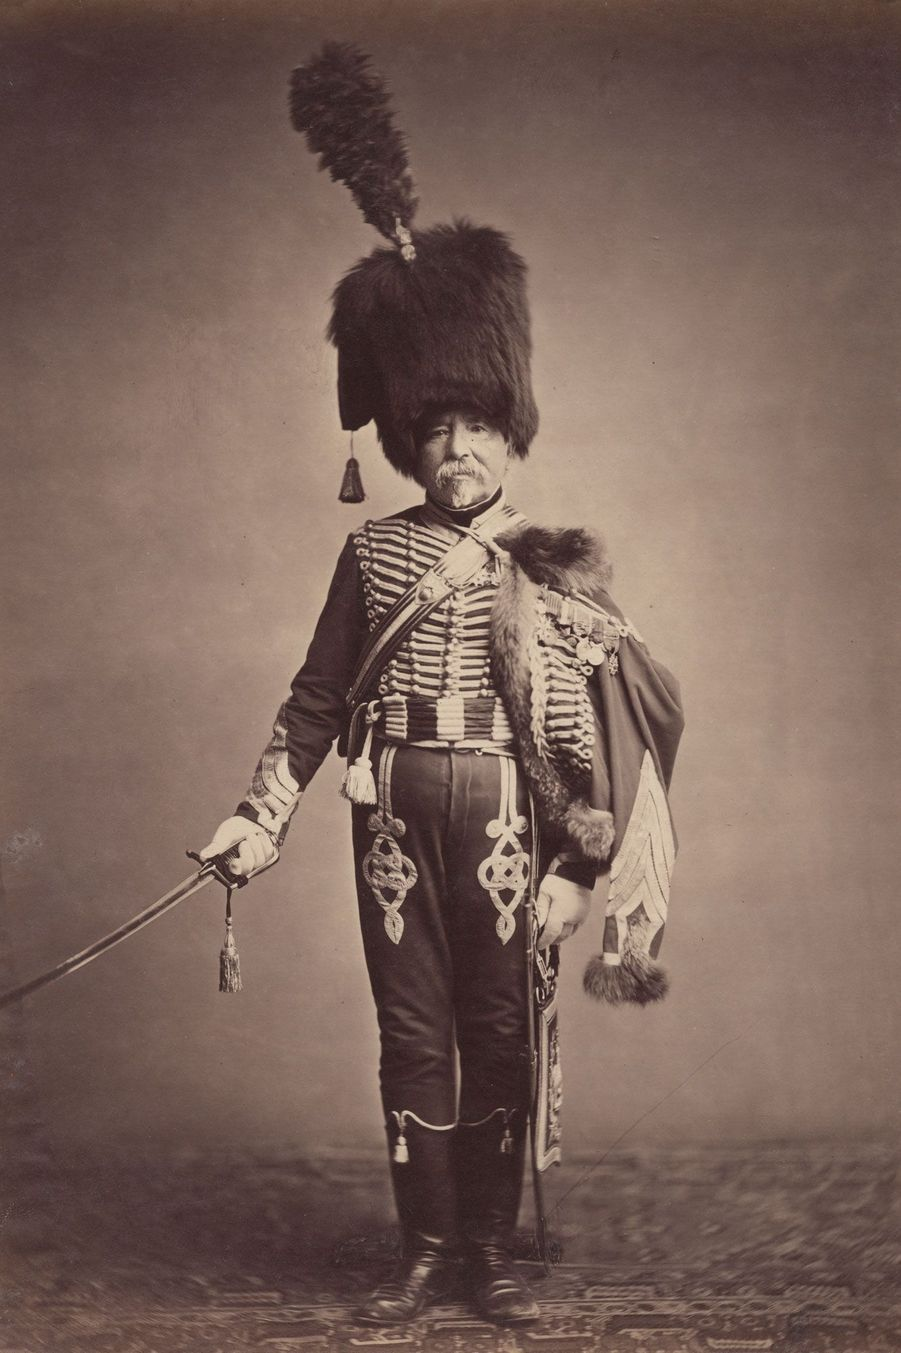 """Le hussard. Monsieur Fabry était un intendant au 1e régiment de hussards. Il porte un couvre-chef d'origine turque, appelé """"colback""""."""